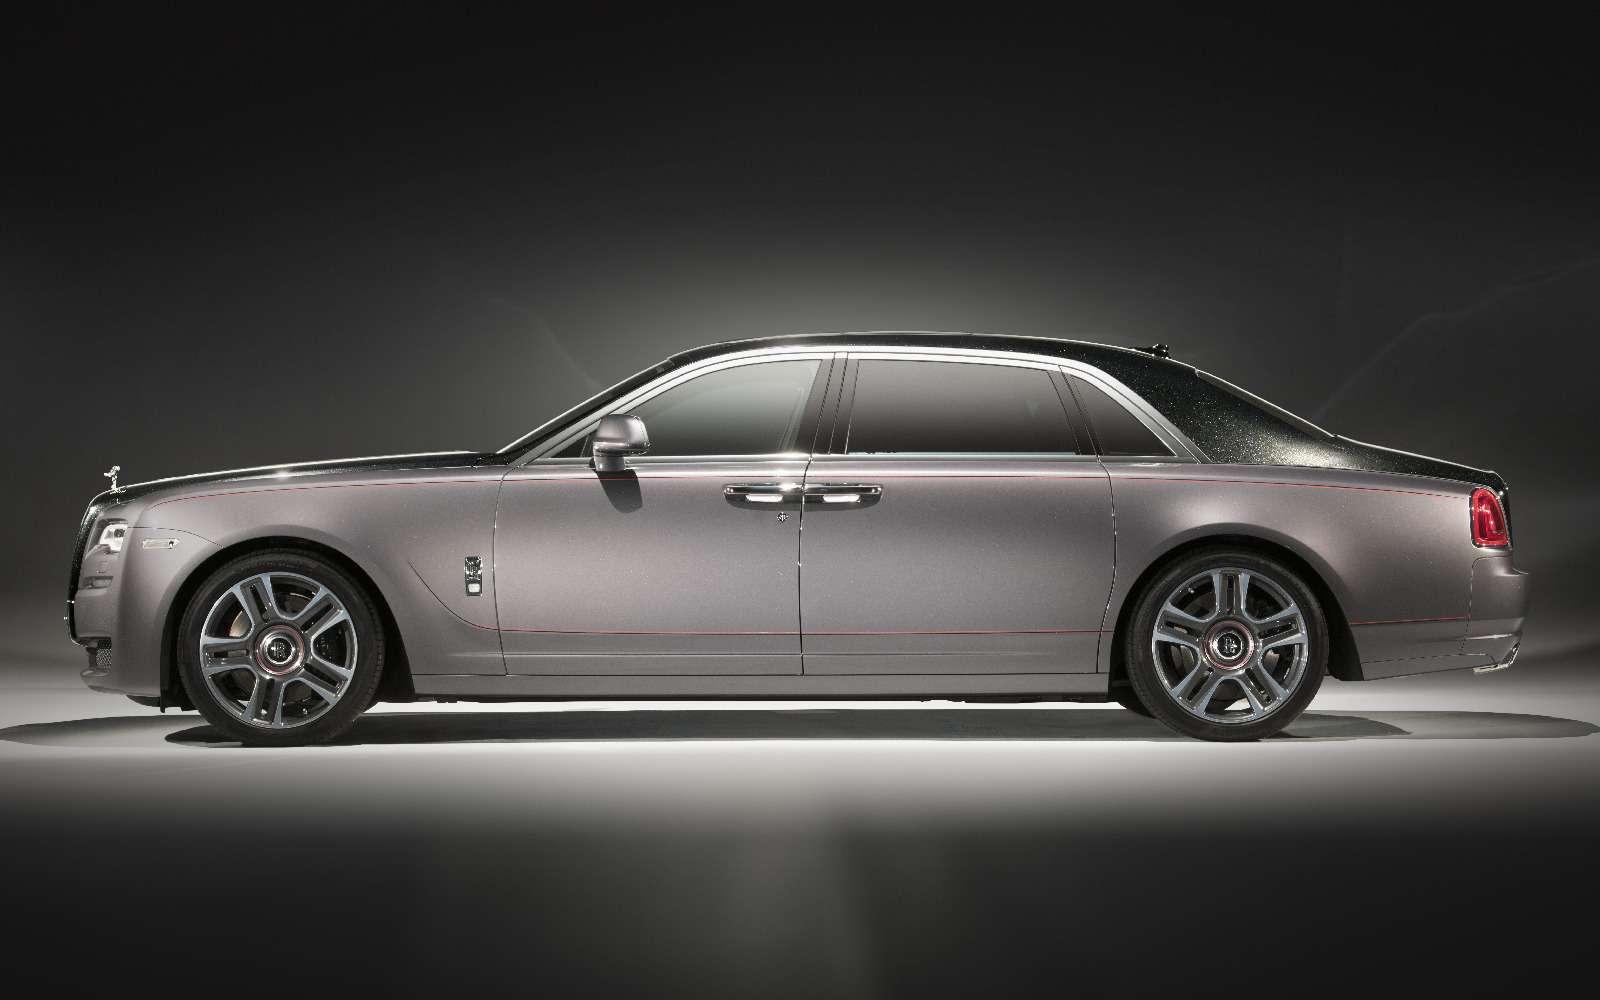 Бриллиантовый дым: Rolls-Royce начал подмешивать вкраску драгоценные камни— фото 717037